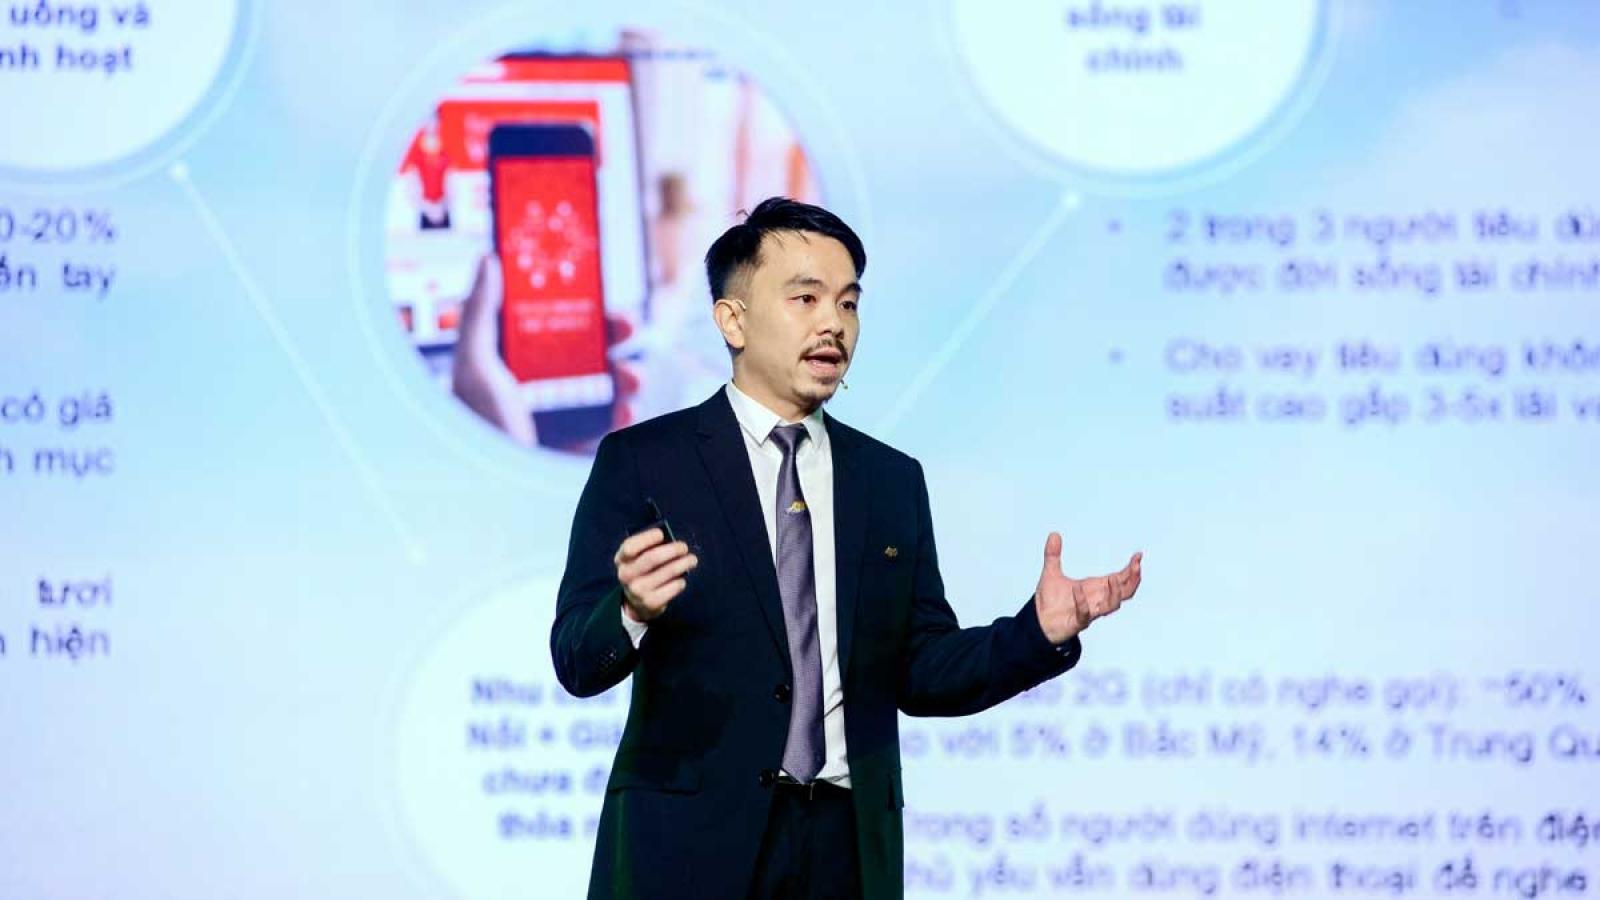 The CrownX hợp tác cùng Alibaba và Baring Private Equity Asia